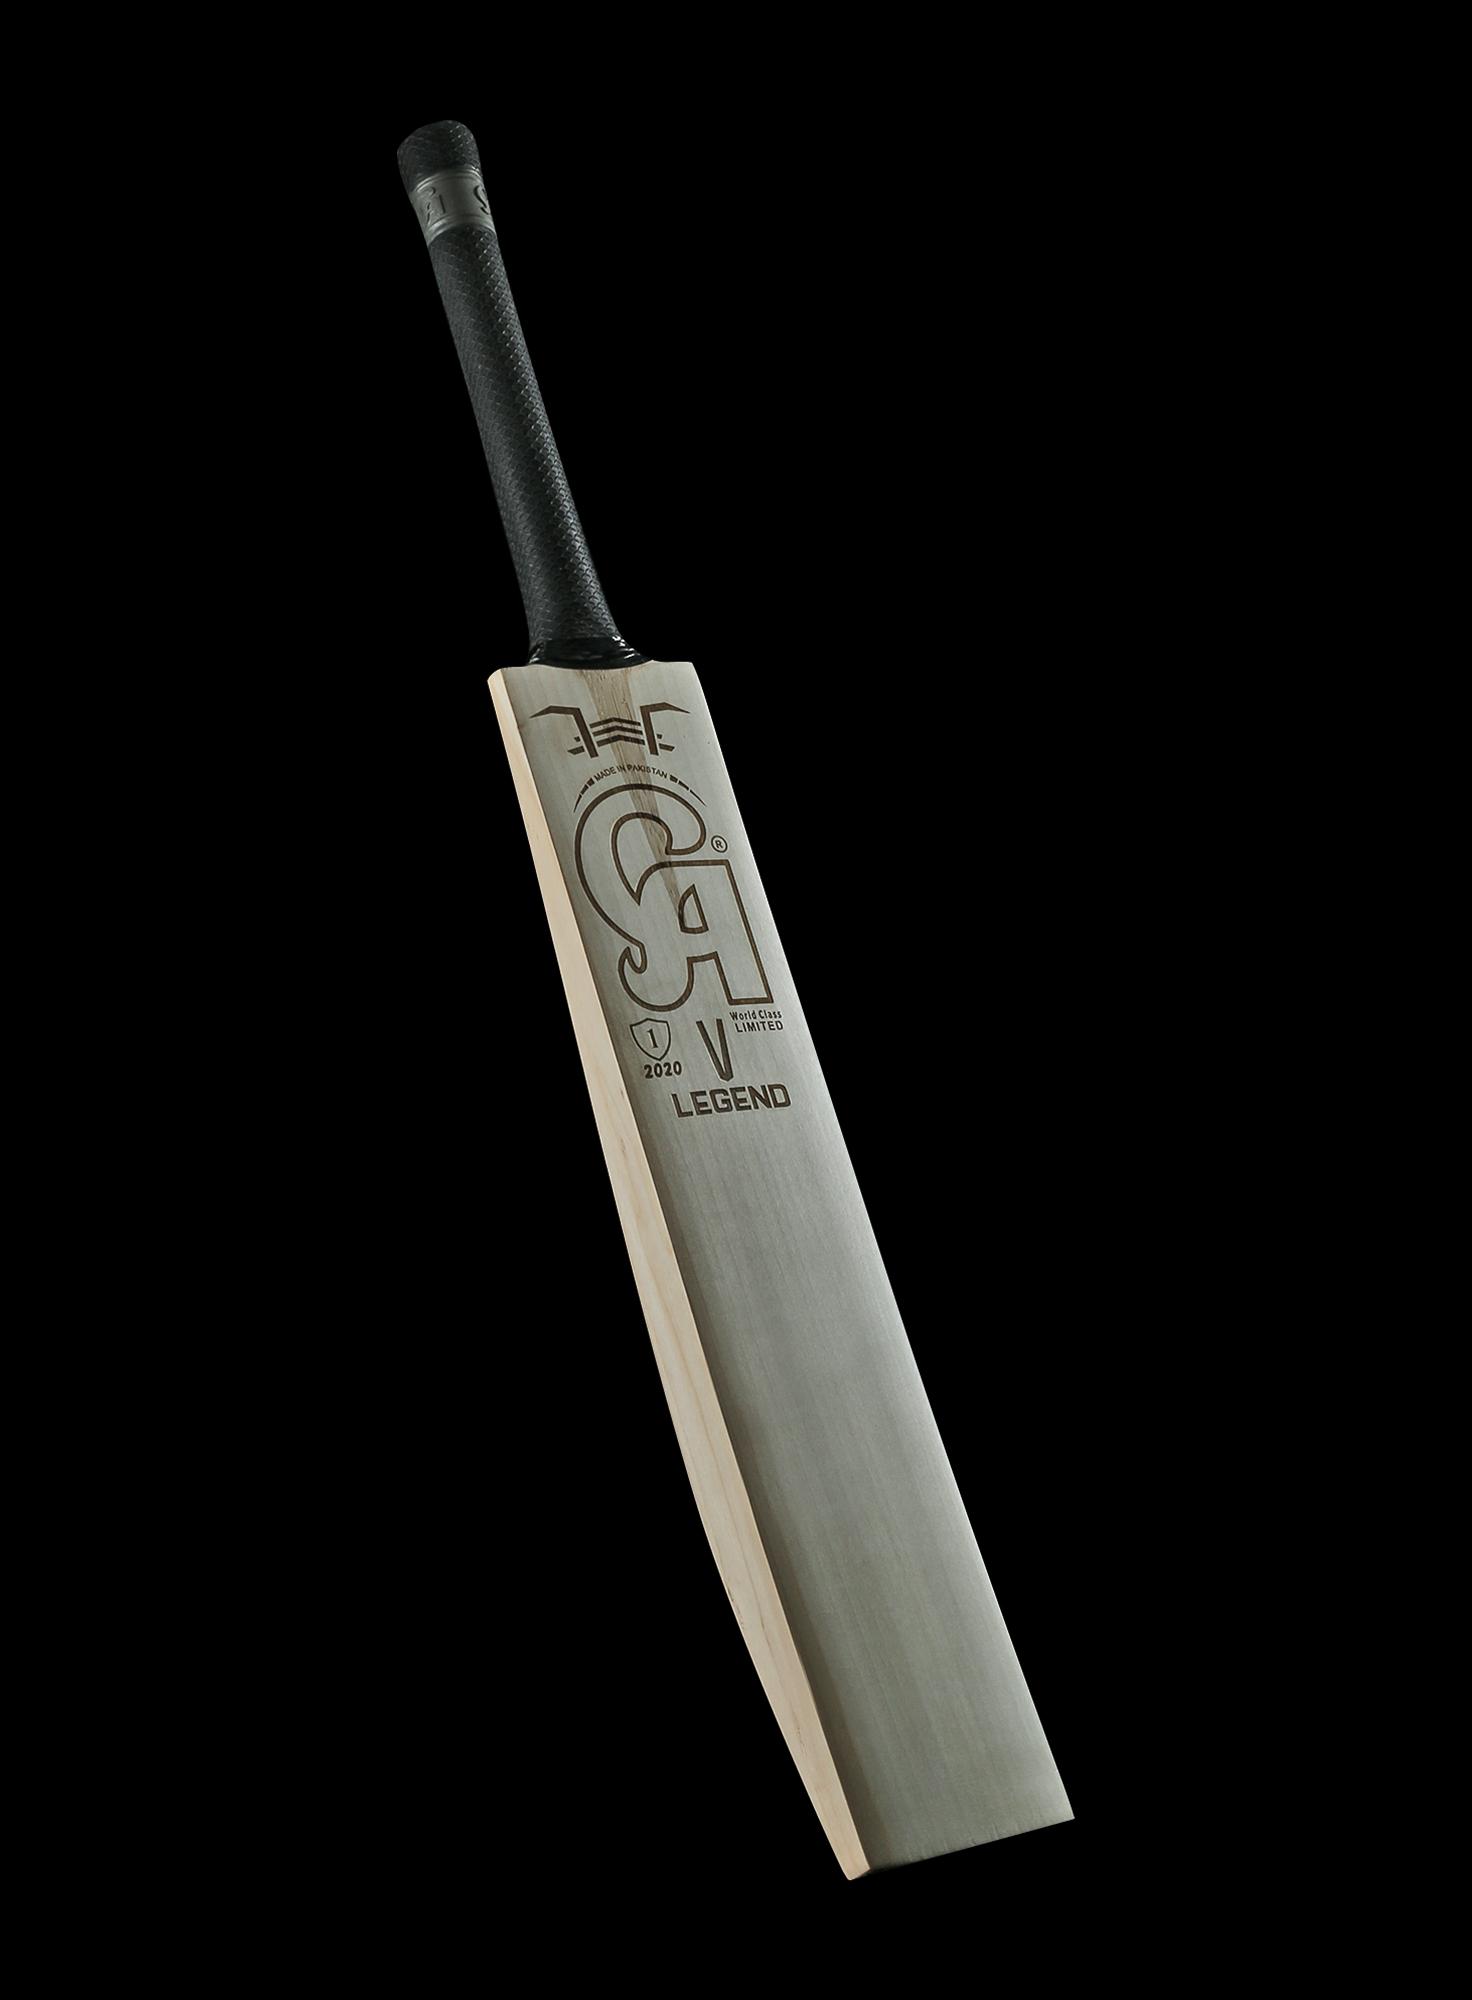 ca legend bat, cricket bat